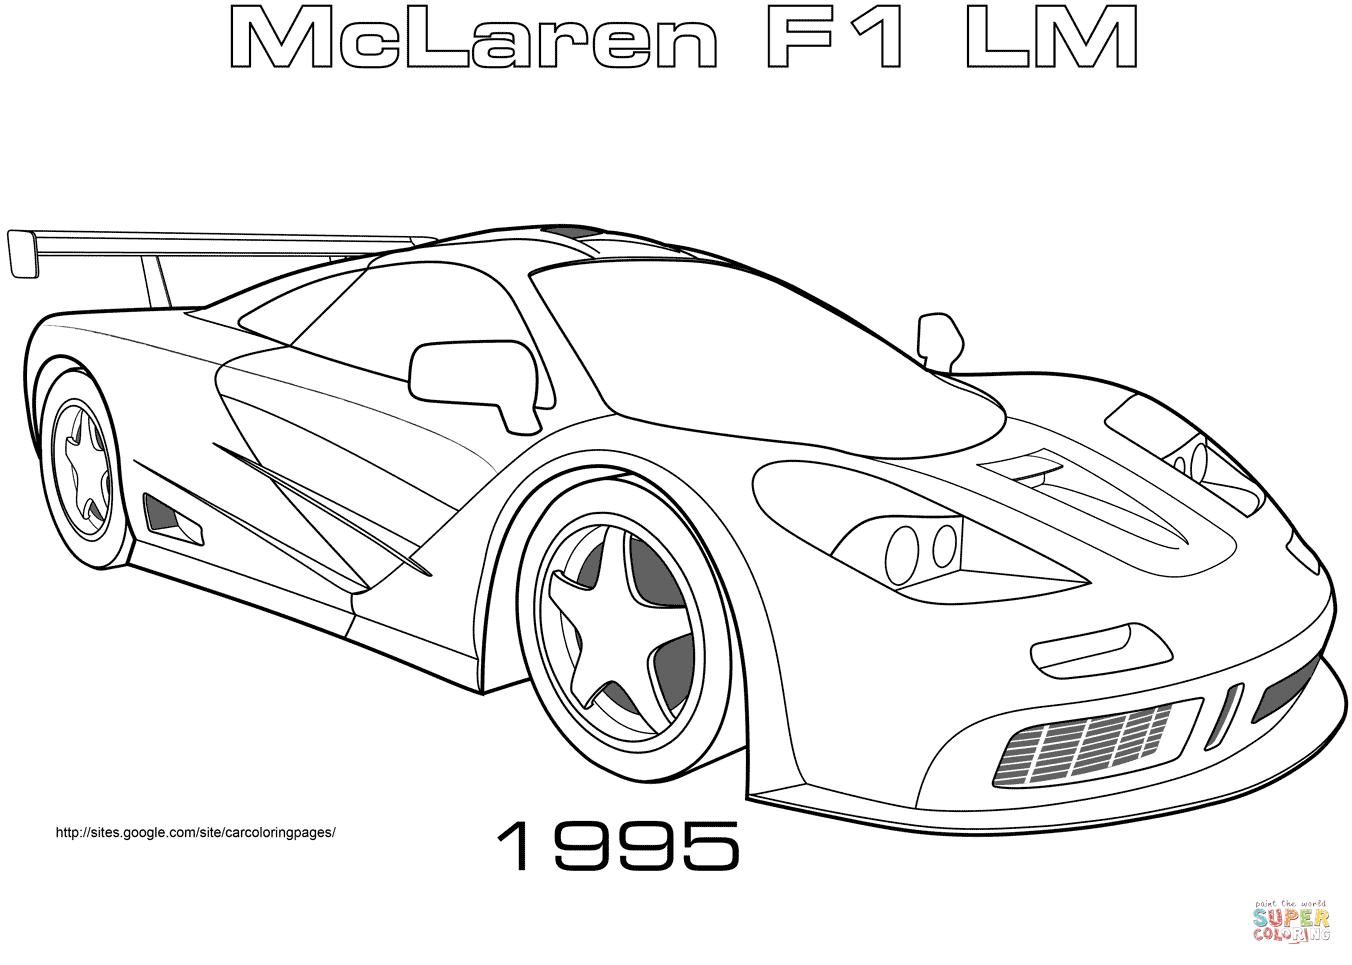 Ausmalbild Mclaren F1 Lm